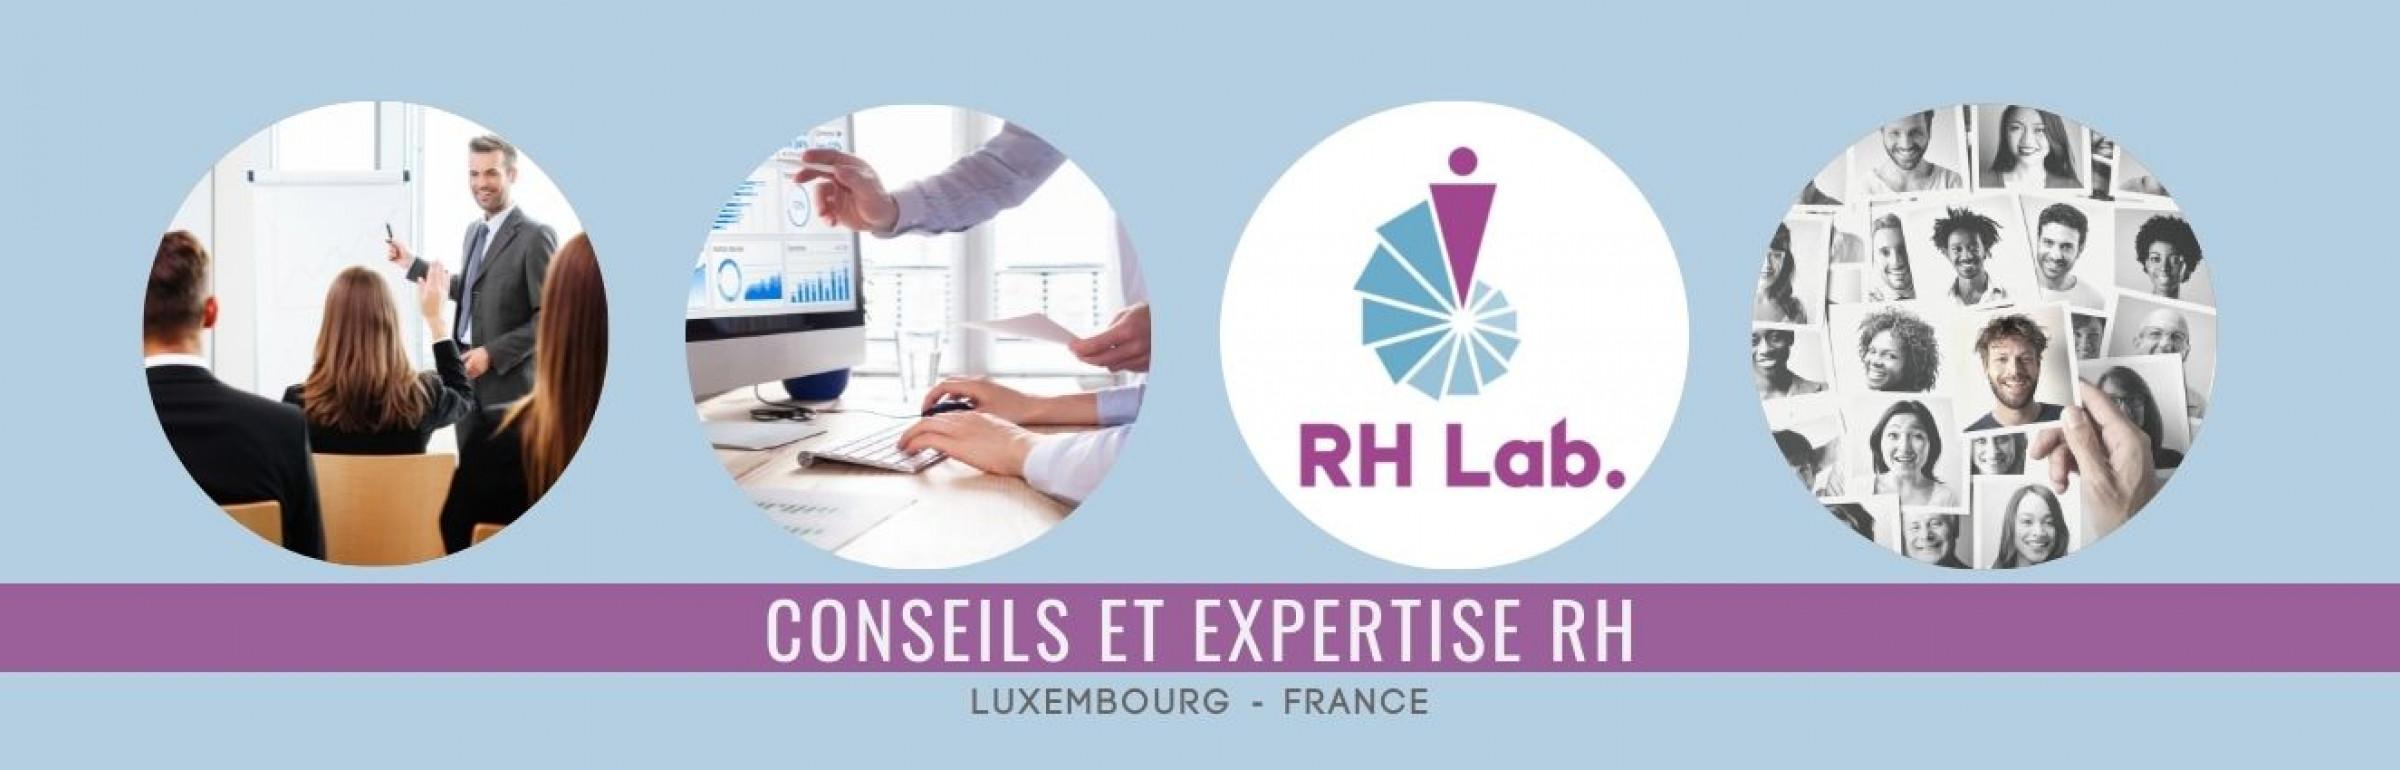 Banner RH Lab.